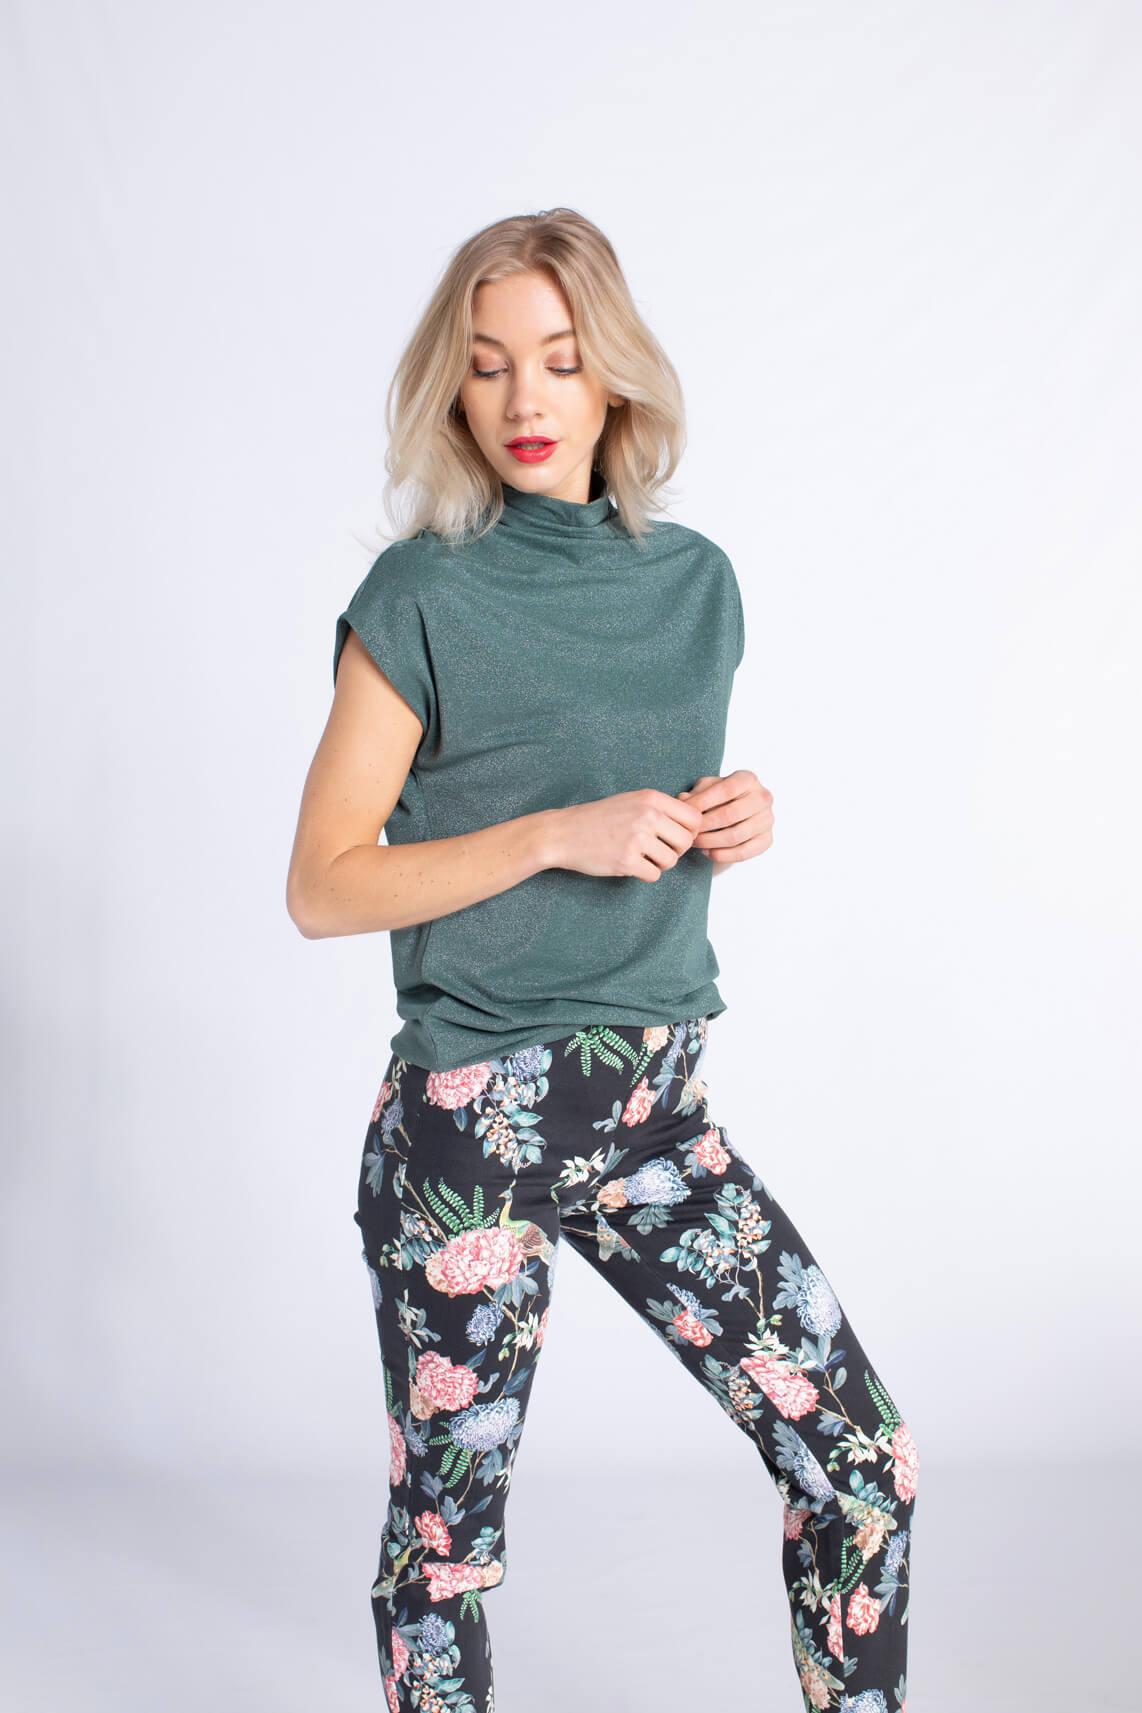 Anna Dames Glittershirt met col groen